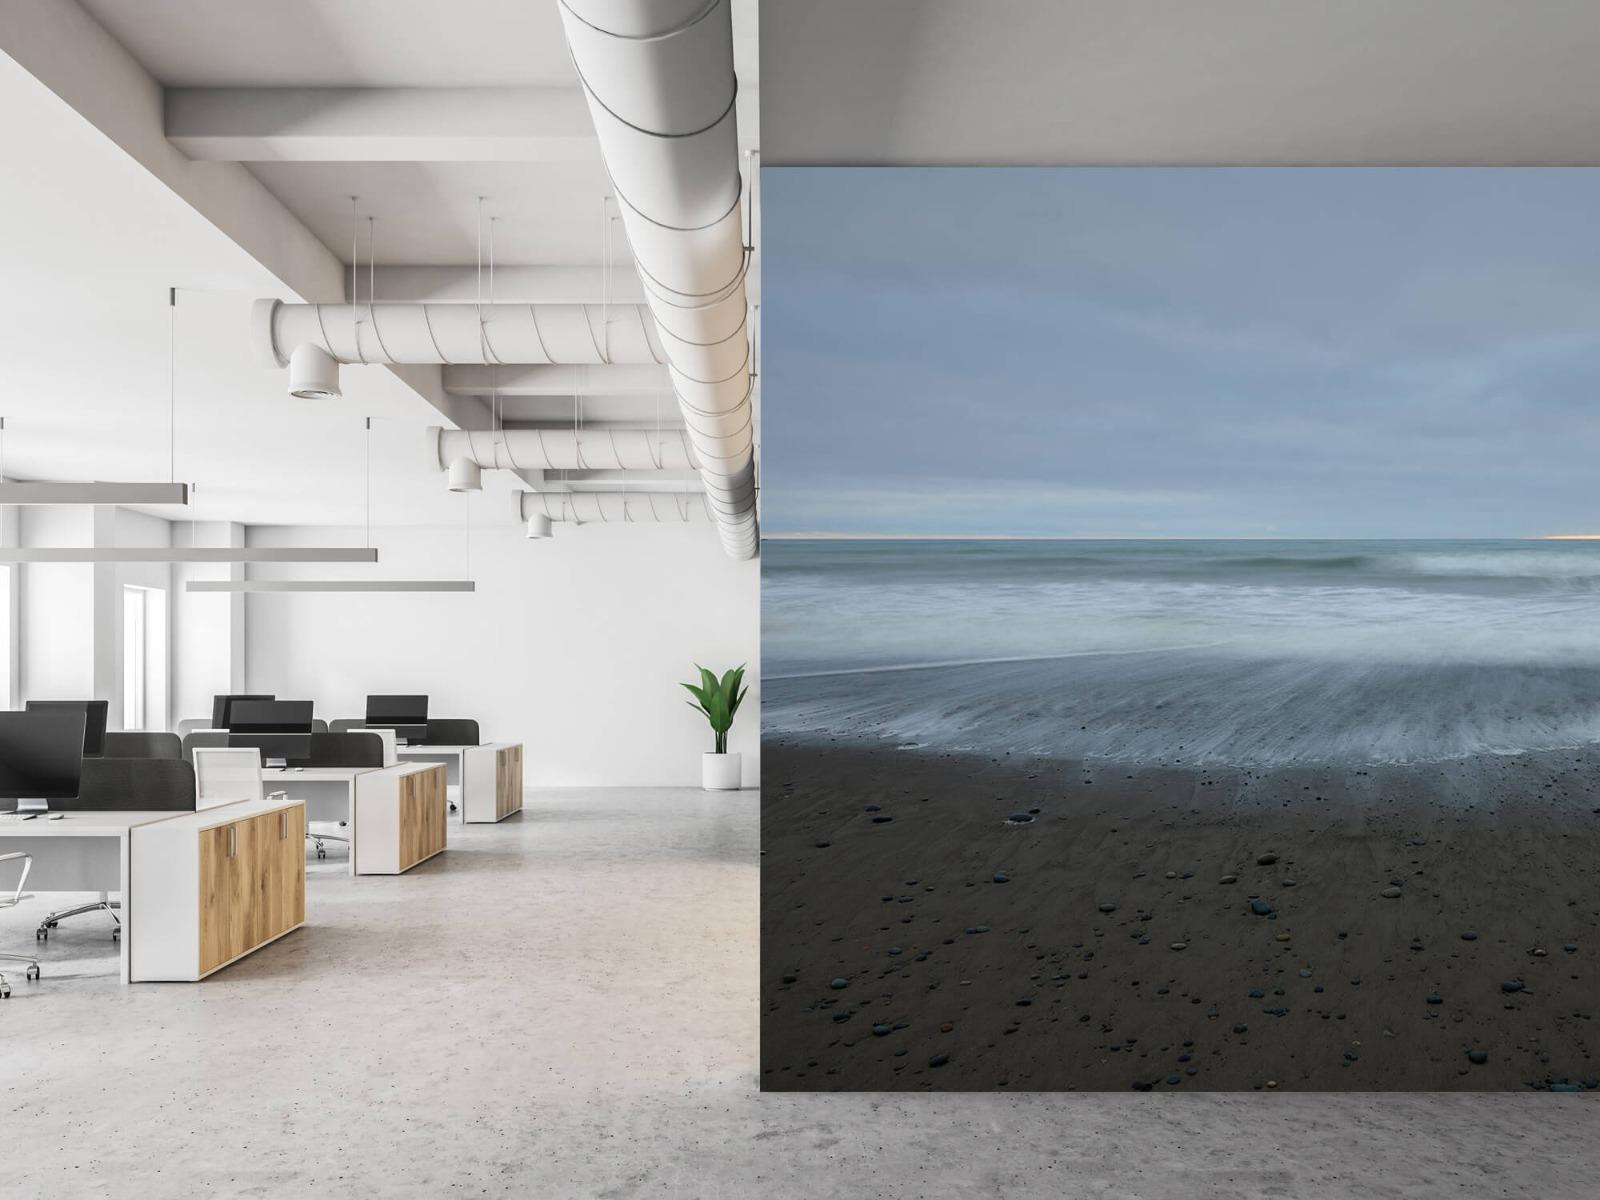 Zeeën en Oceanen - Golven aan het strand - Slaapkamer 21